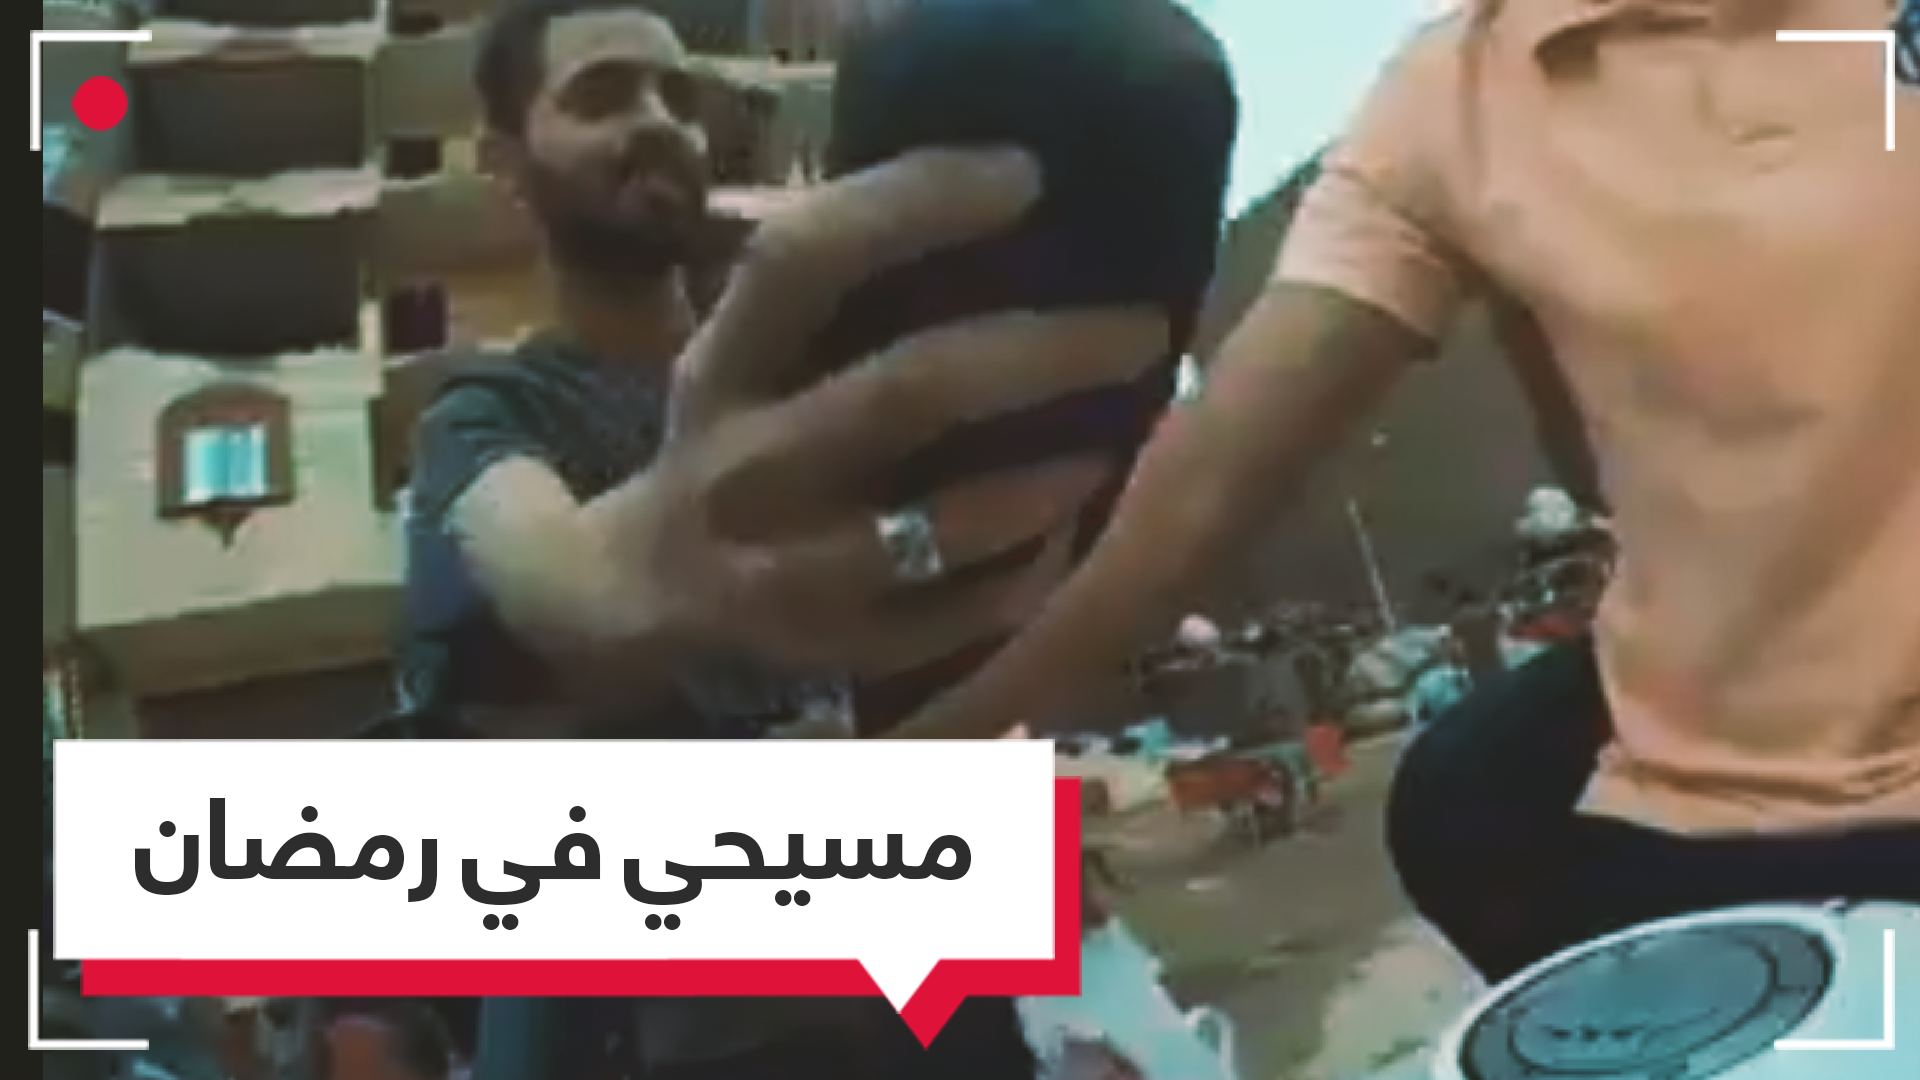 شابان مصريان ادعيا أنهما مسيحيان أمام أشخاص يوزعون إفطار رمضان قبل أذان المغرب.. كيف كان رد فعلهم؟